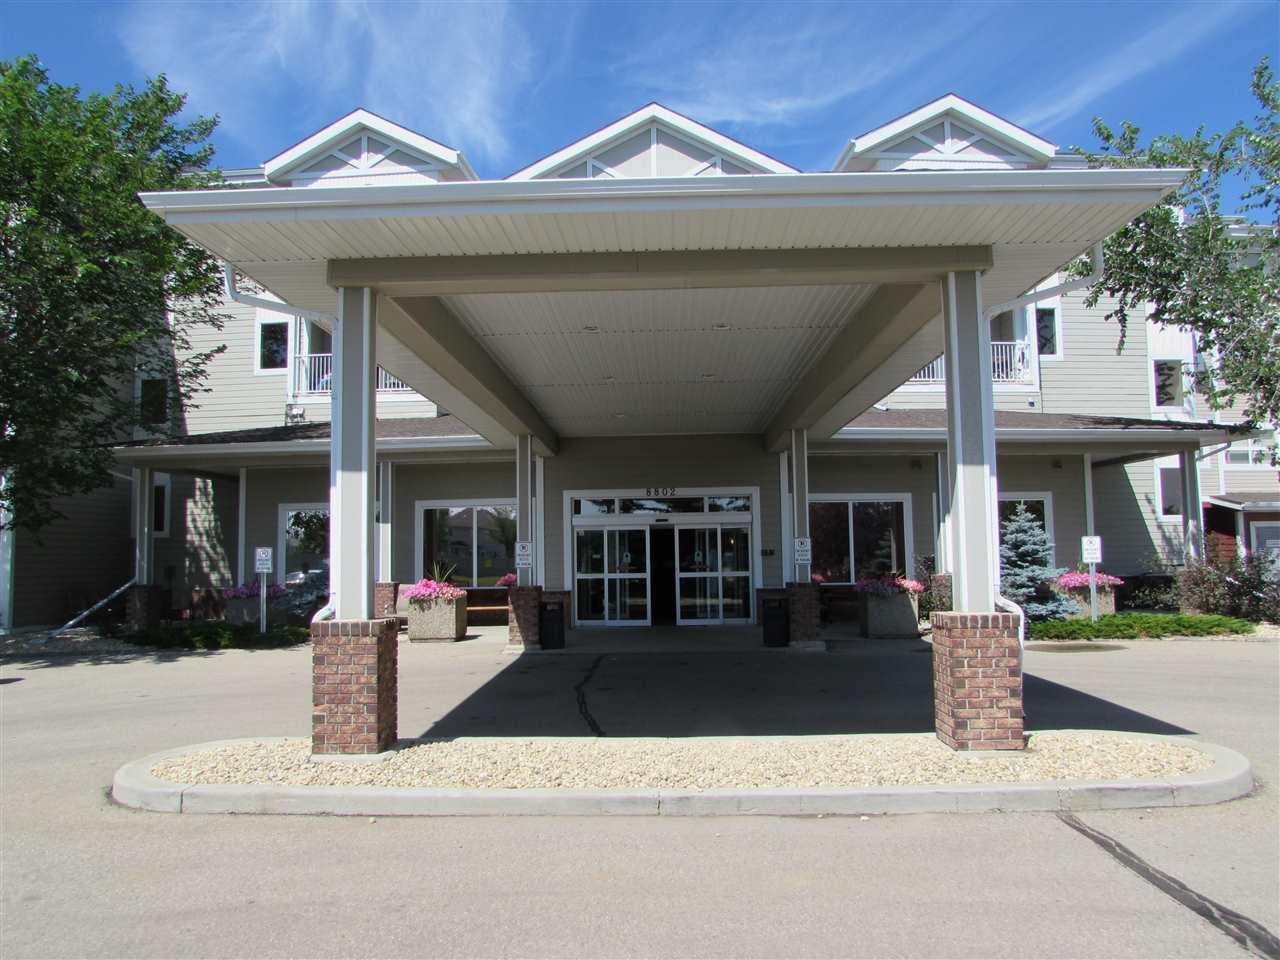 407 8802 Southfort Drive, 1 bed, 1 bath, at $163,900